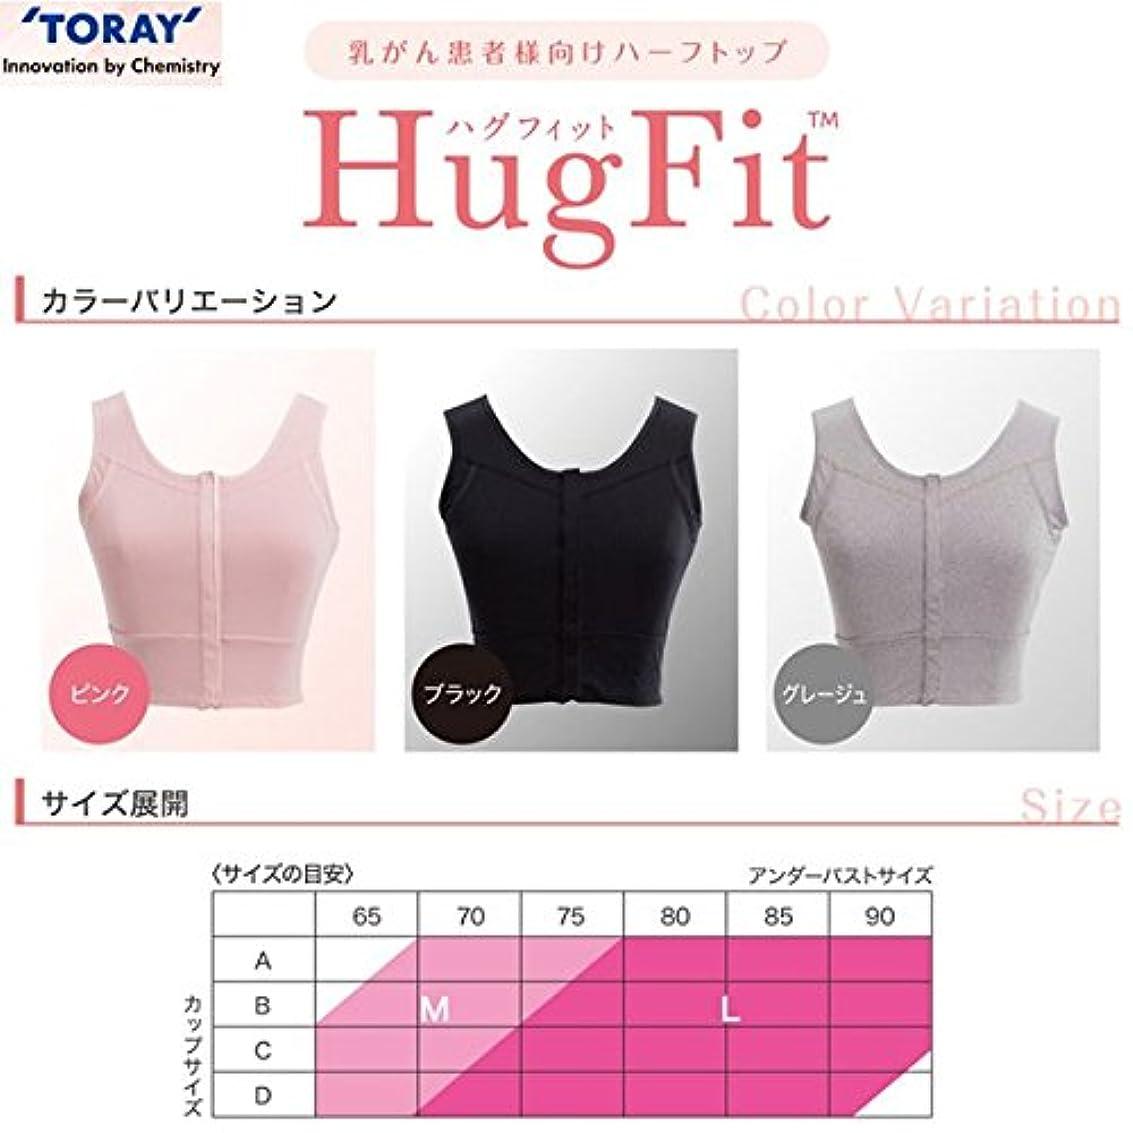 弱点パラメータであることハグフィット HugFit ピンク Lサイズ 東レ?メディカル